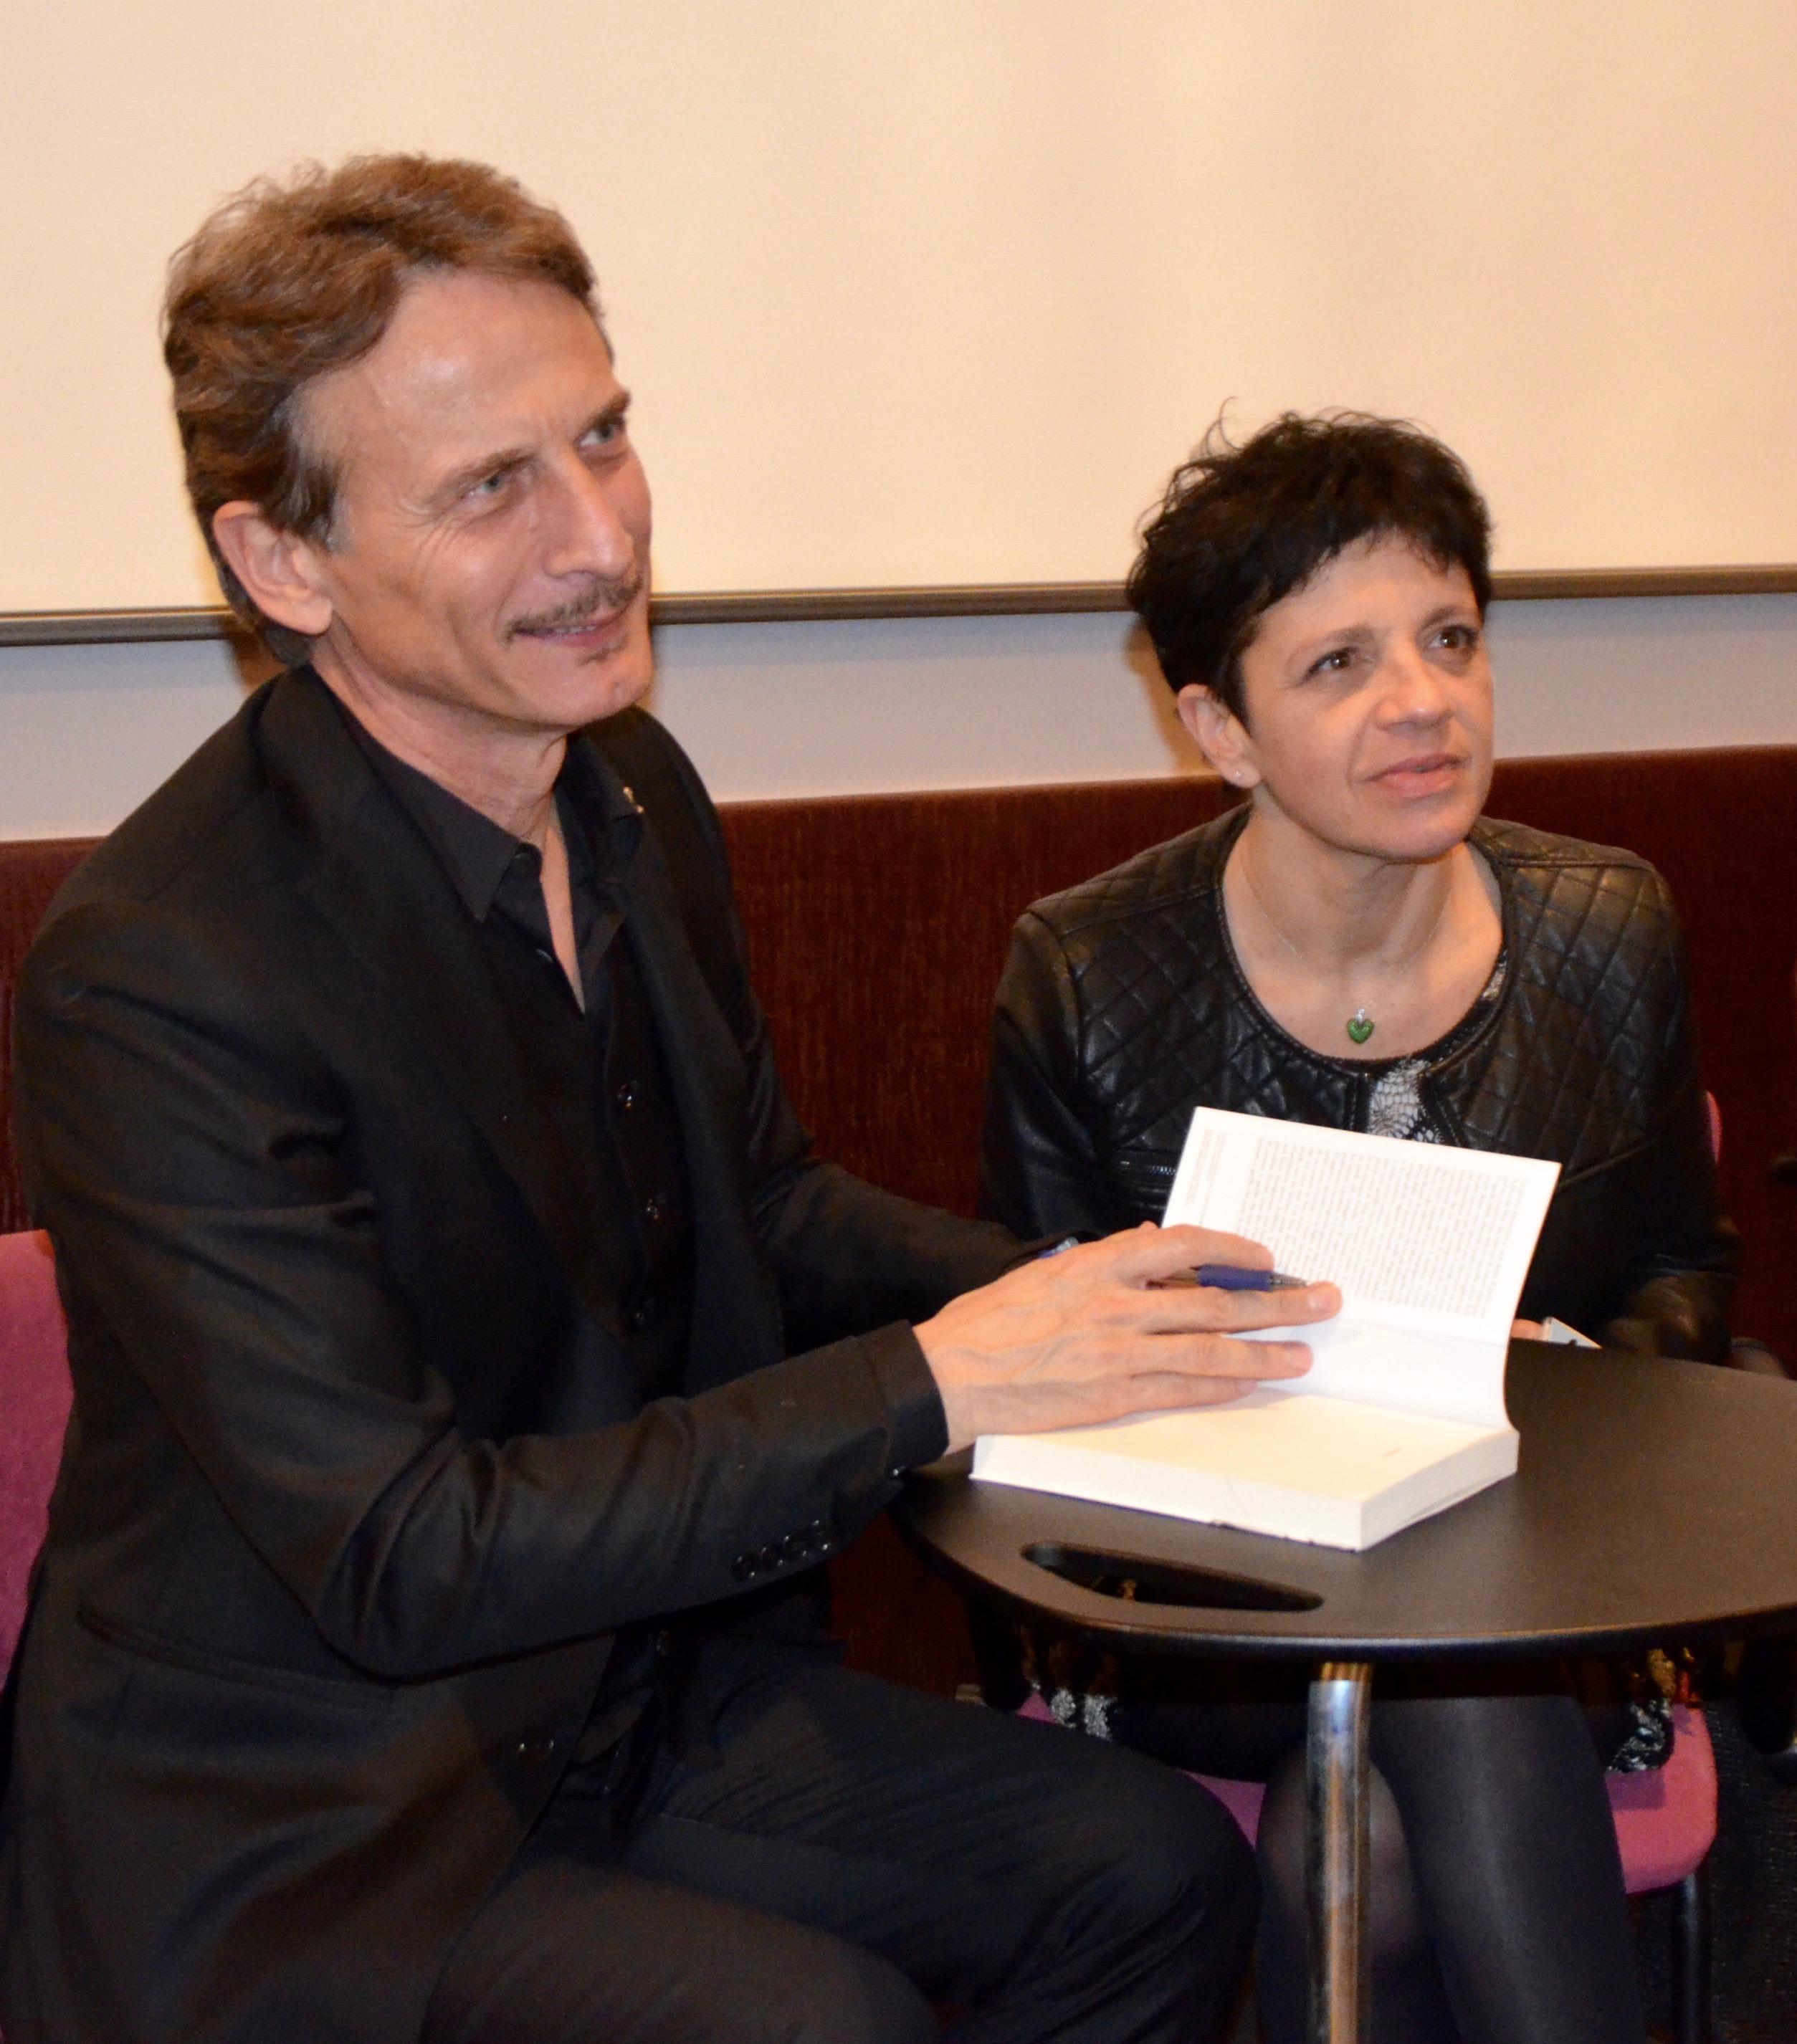 Il momento delle firme dopo la presentazione del libro.